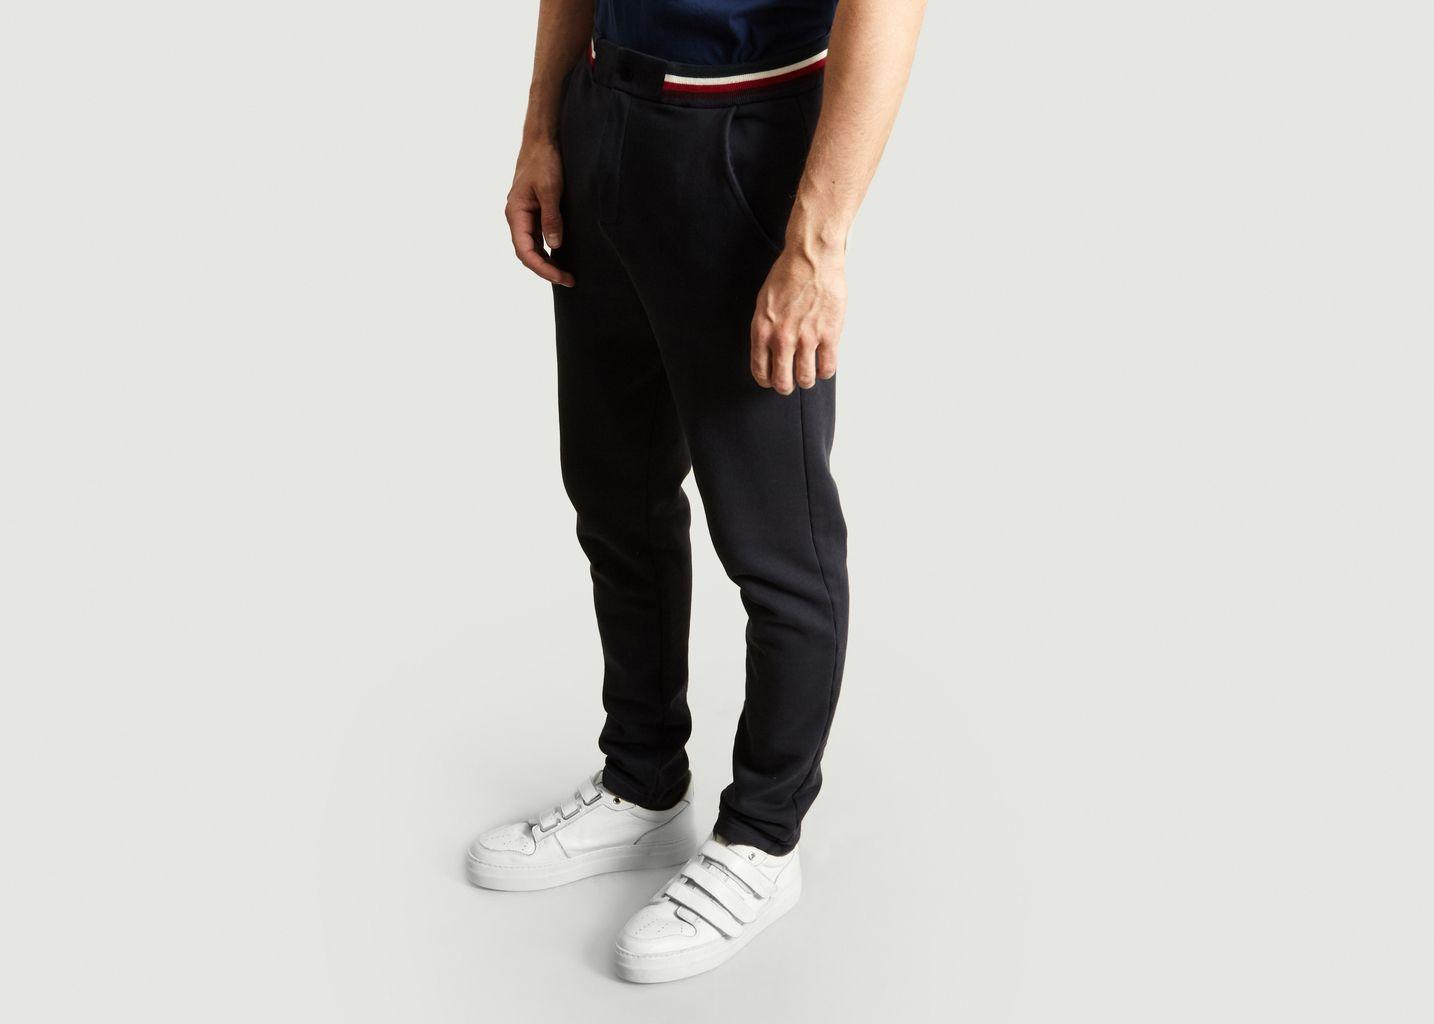 Pantalon en cachemire - Ron Dorff